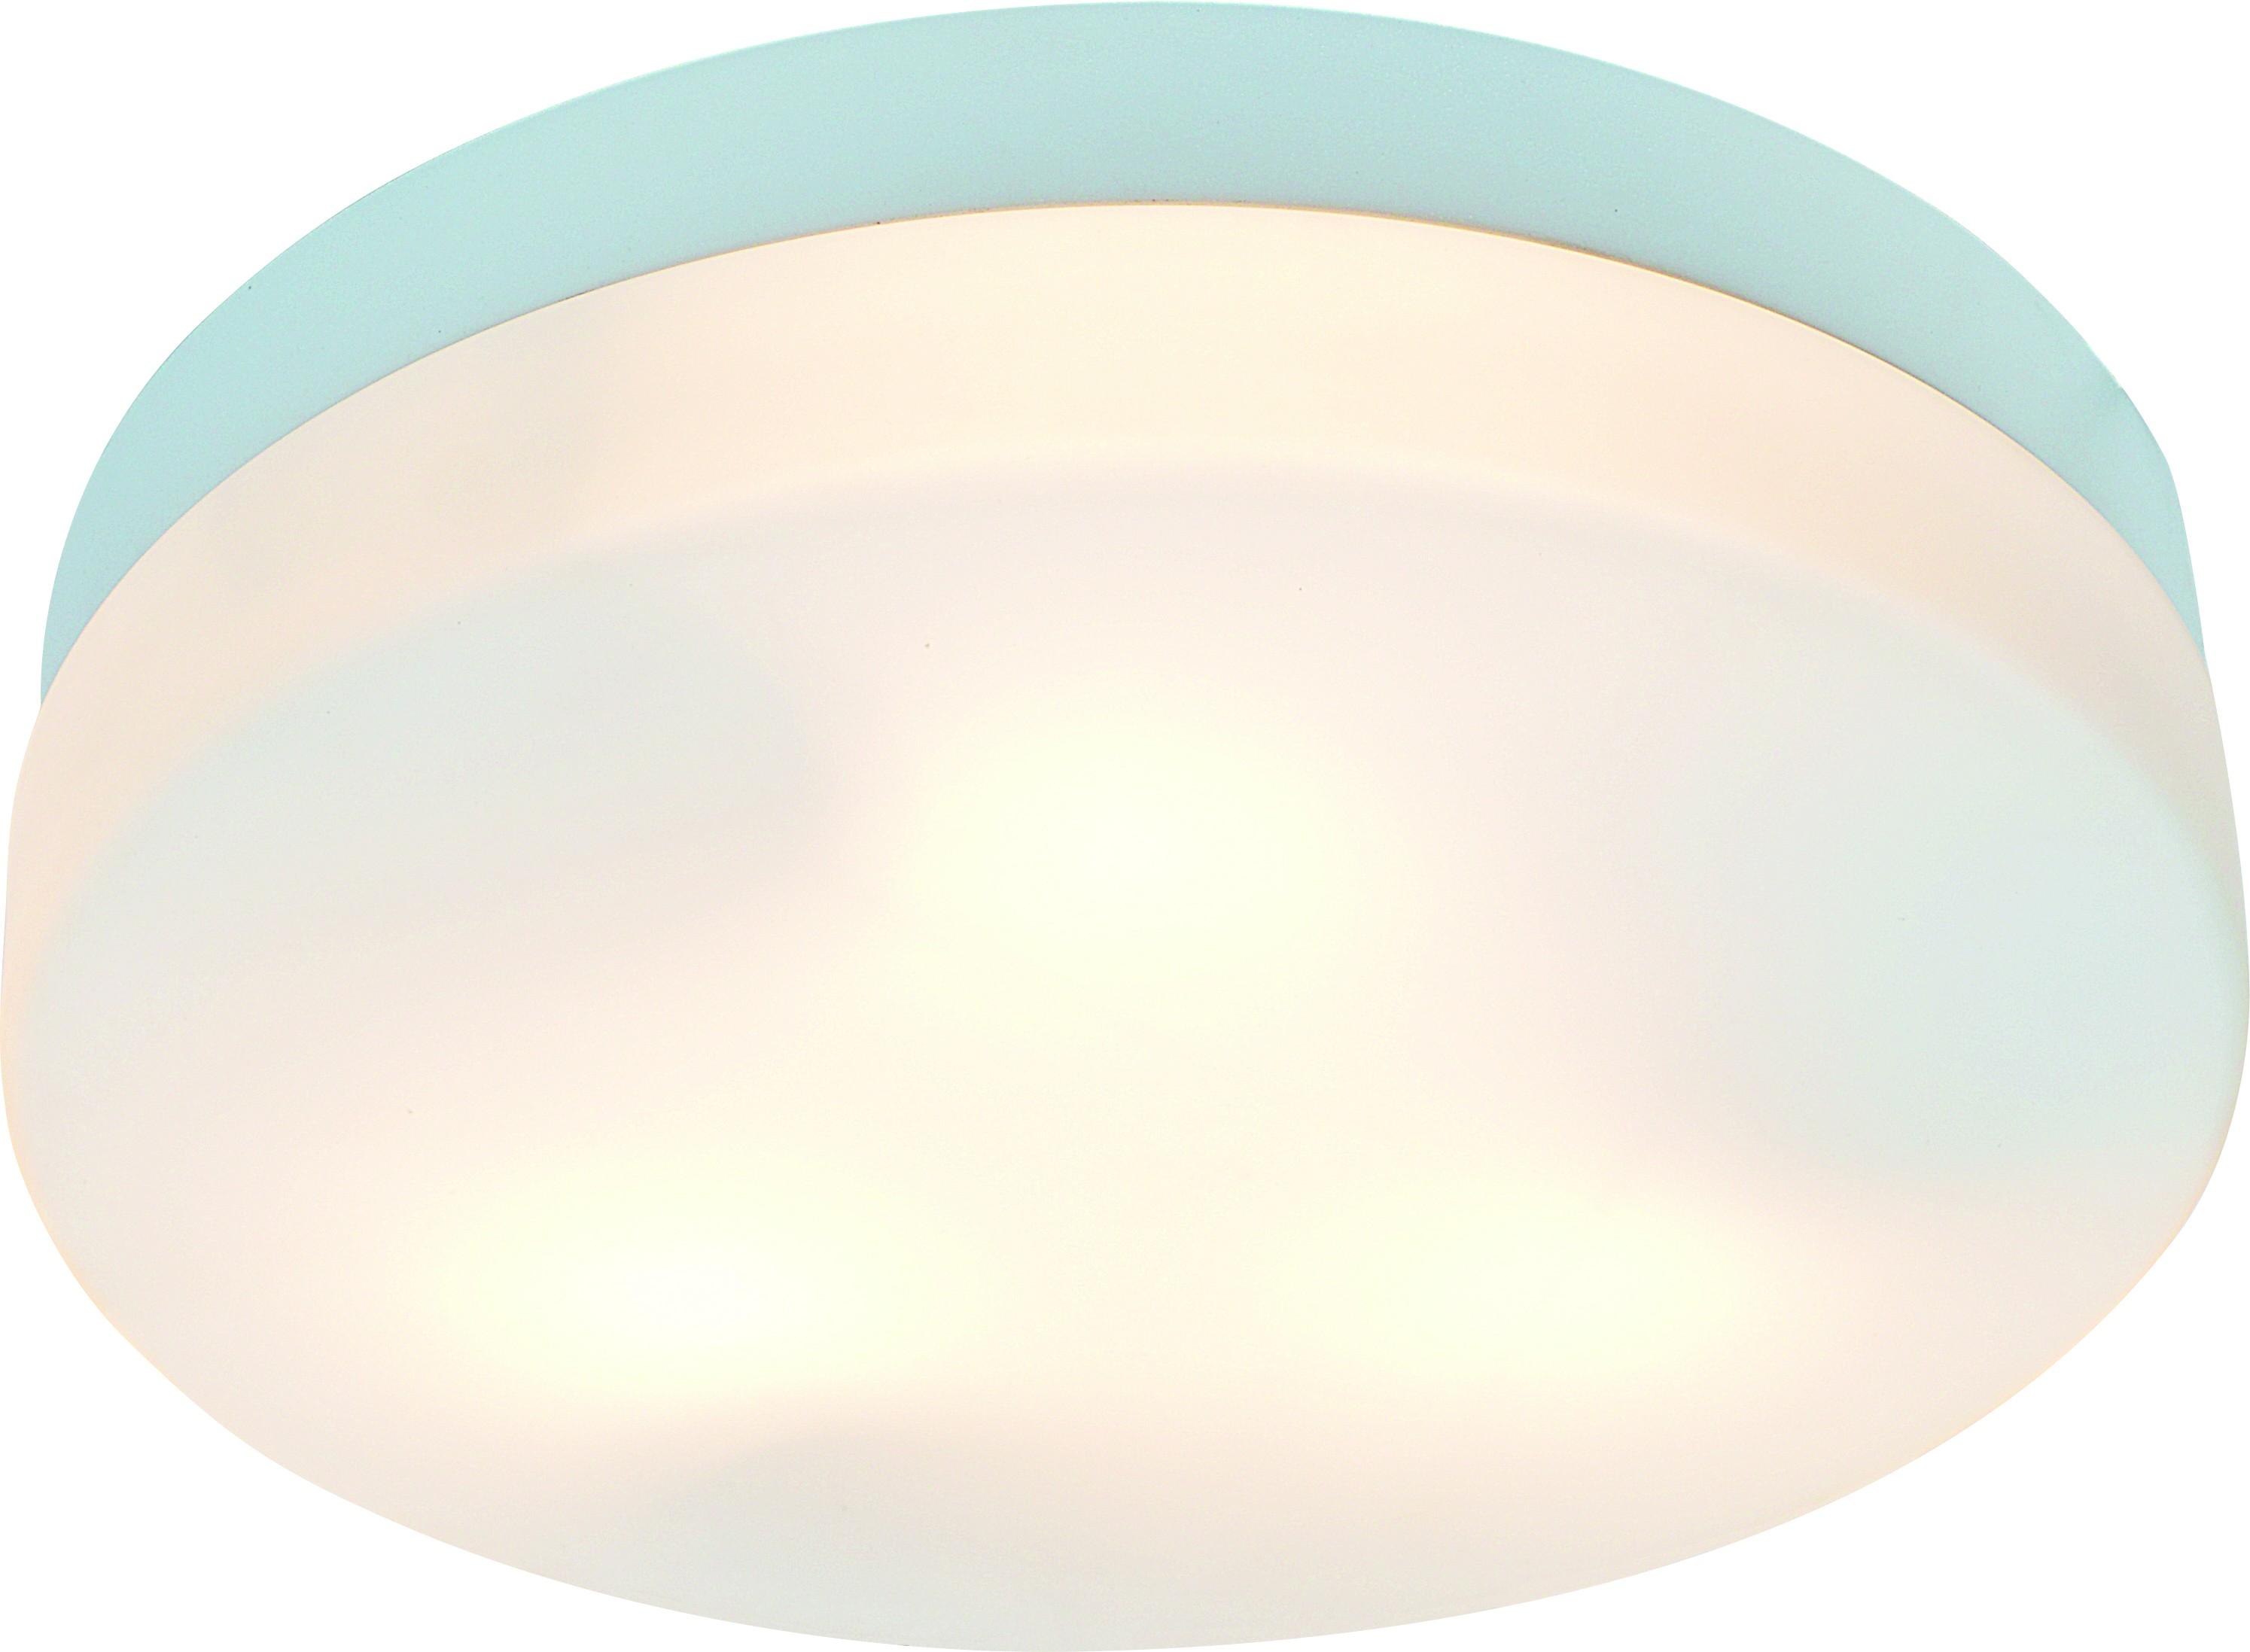 Светильник настенно-потолочный Arte lamp A3211pl-3wh потолочный светильник shirp a3211pl 3wh arte lamp 1182062